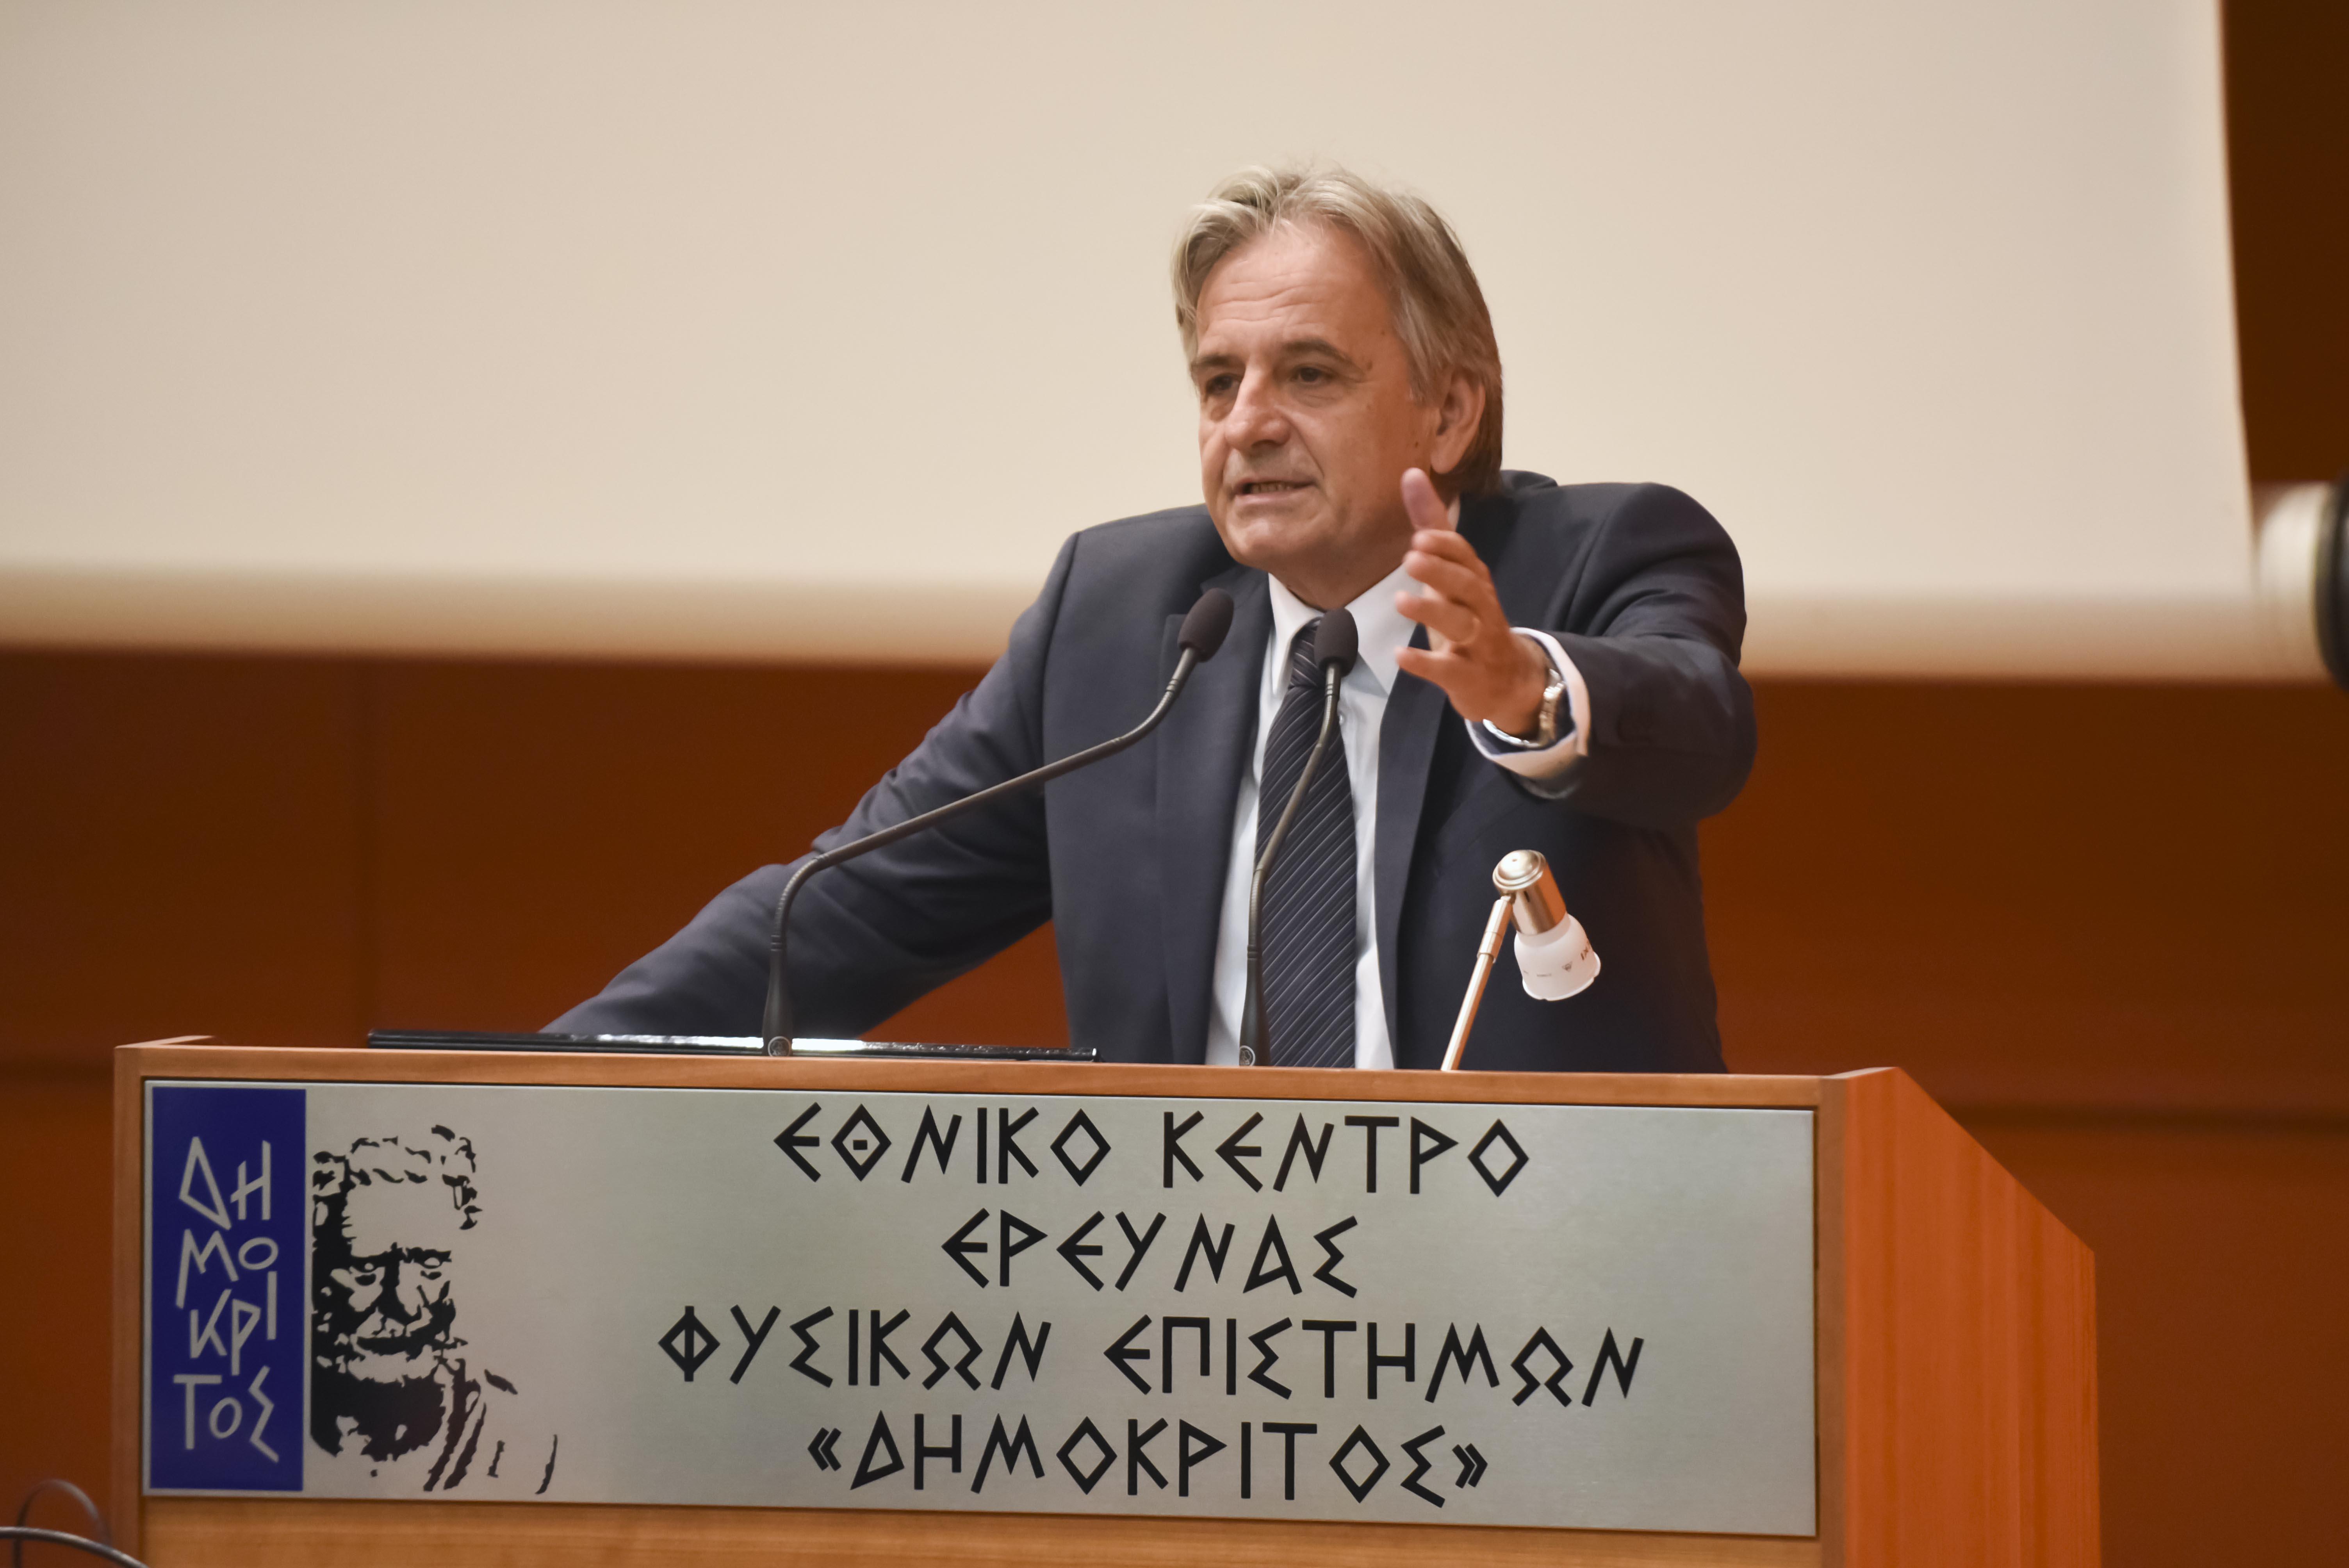 Υποψήφιος με τον Γιάννη Σγουρό ο Βασίλης Γιαννακόπουλος